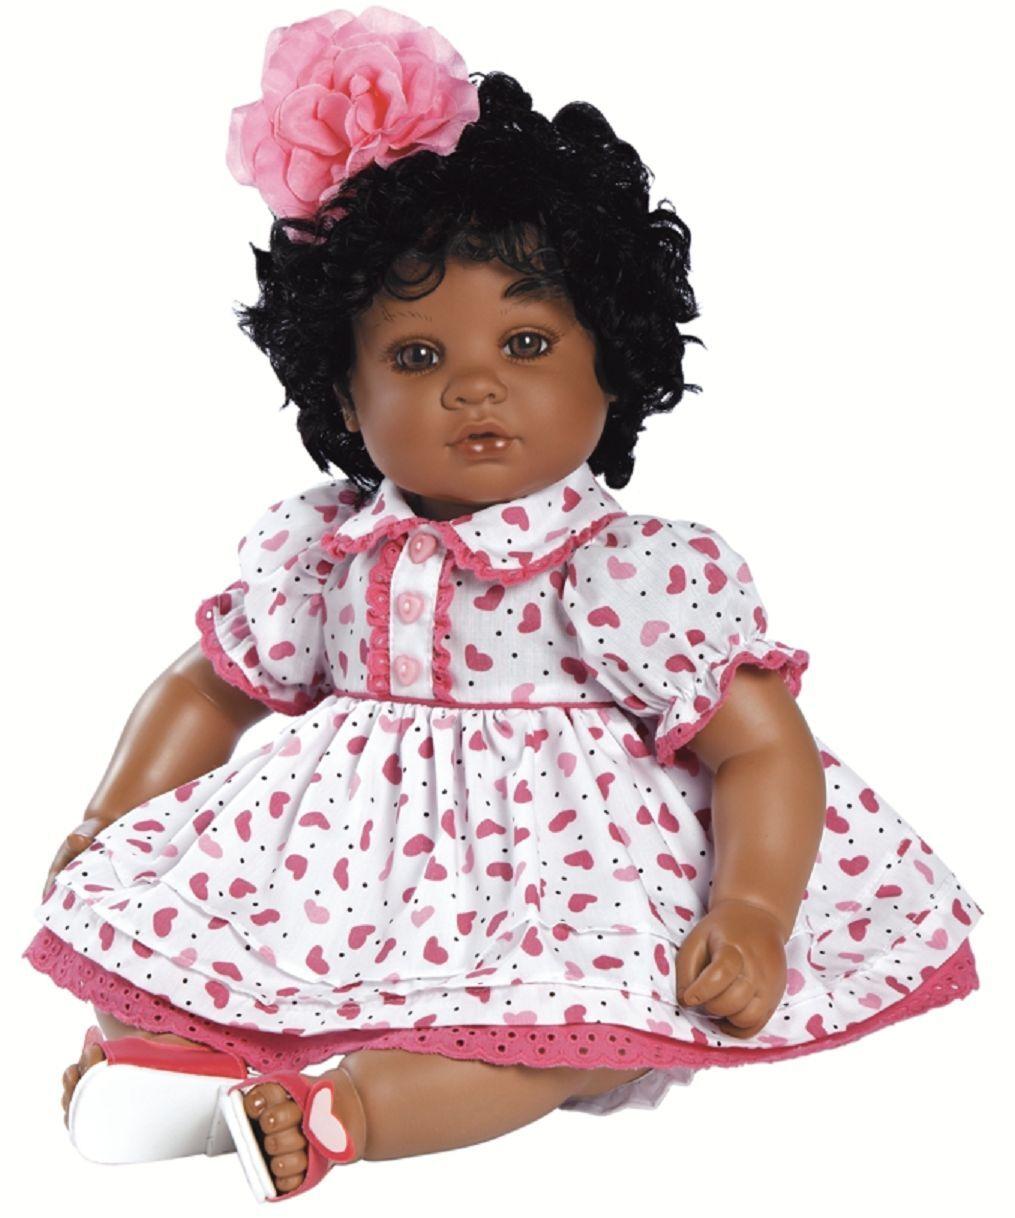 adora il mio cuore  -  Adorabile di alta qualità Play bambola da Adora-UE di sicurezza sono conformi-NUOVO  migliore marca